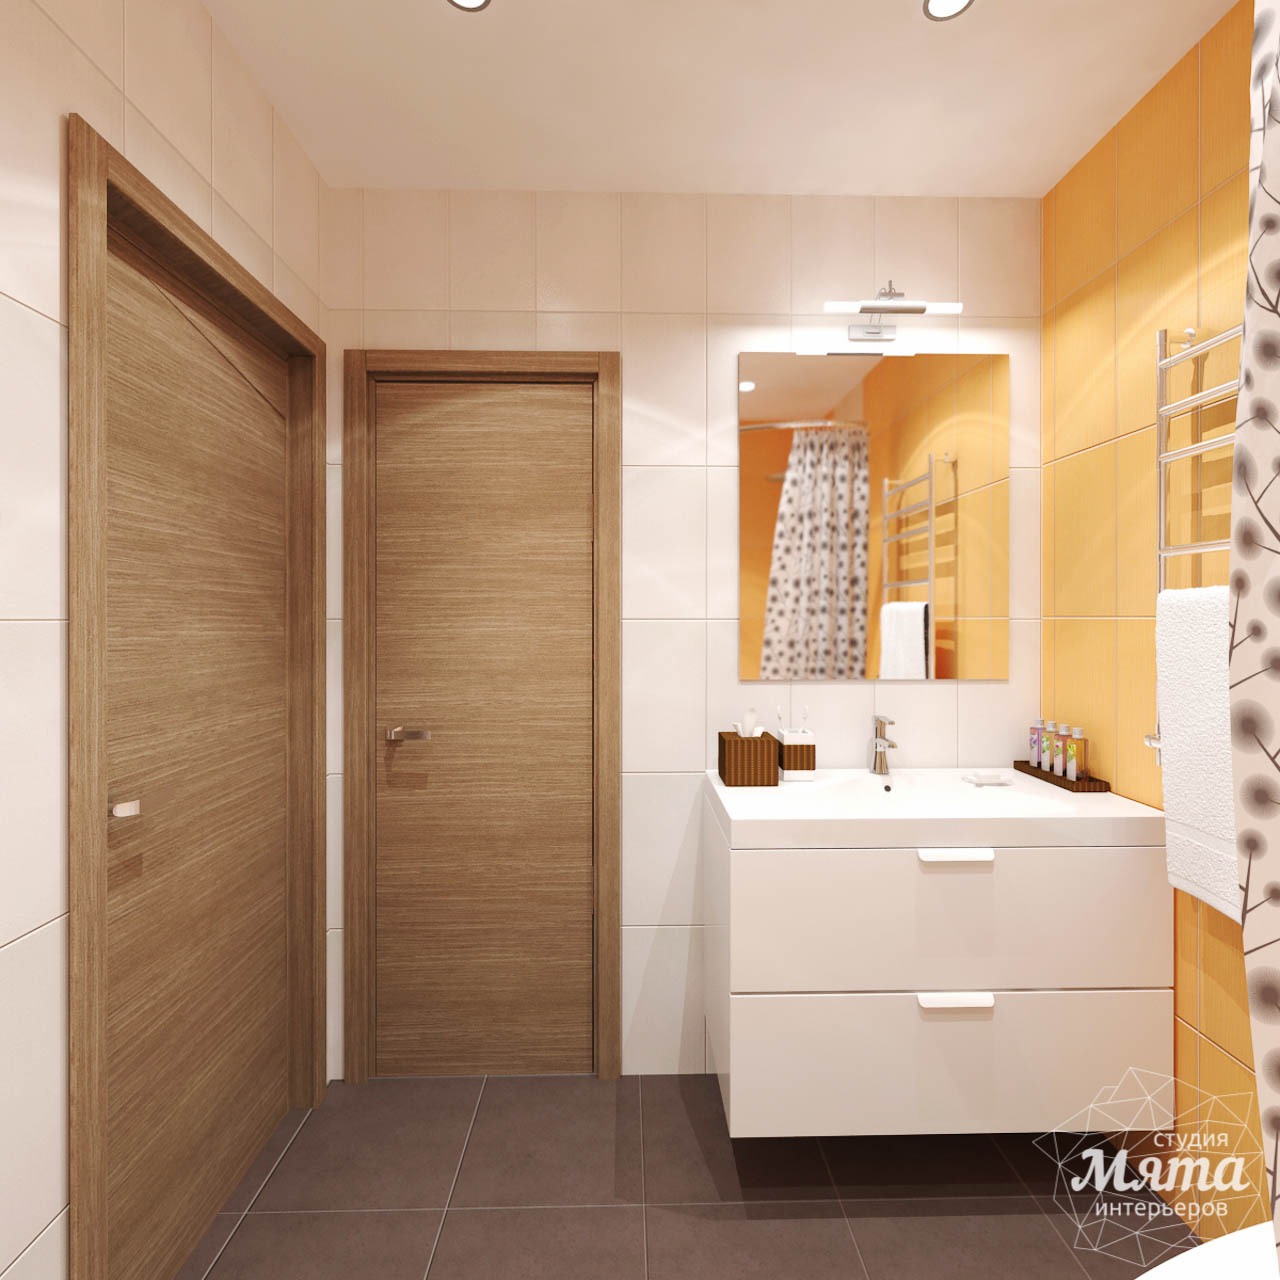 Дизайн интерьера двухкомнатной квартиры по ул. Машинная 40 img1673809908